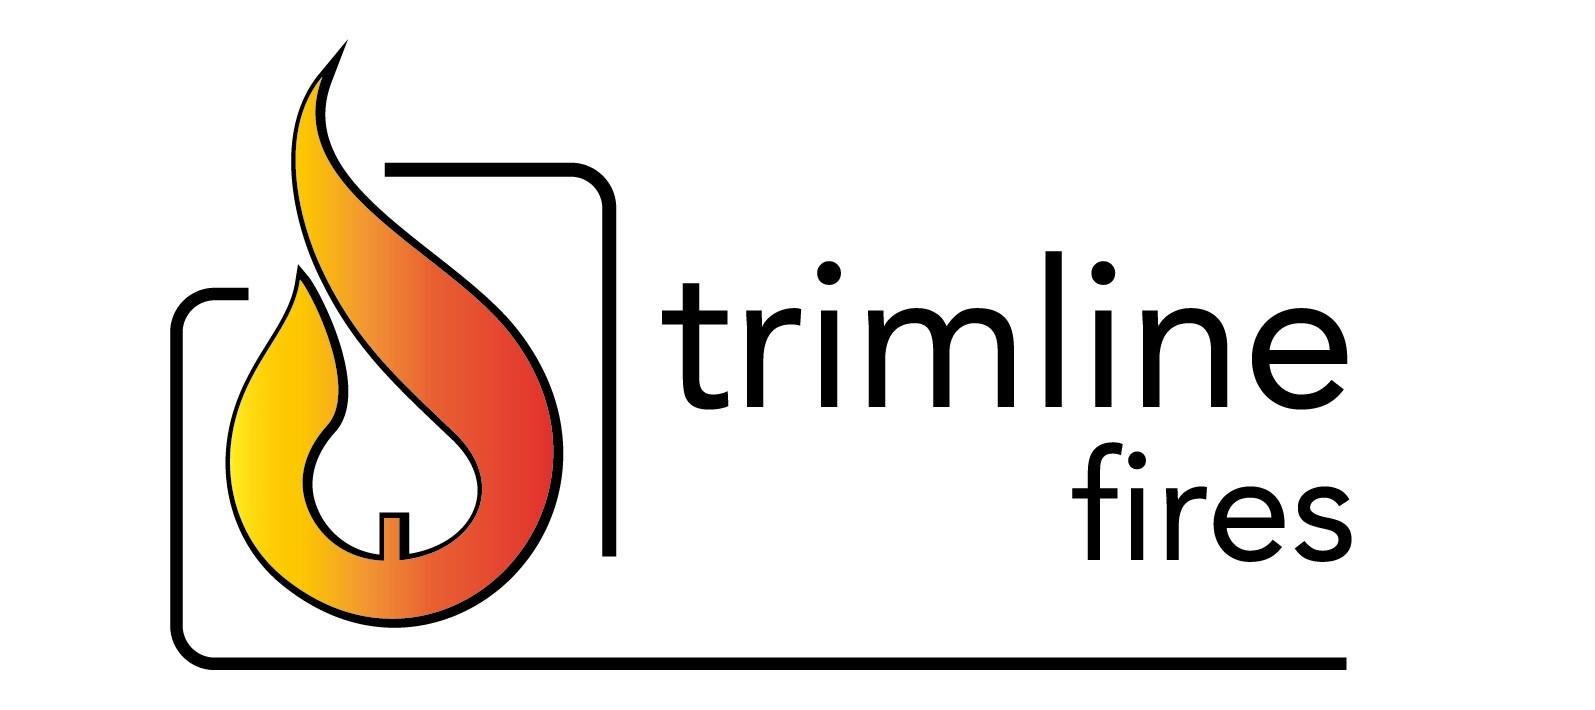 TrimlineFires_logo krbyonline